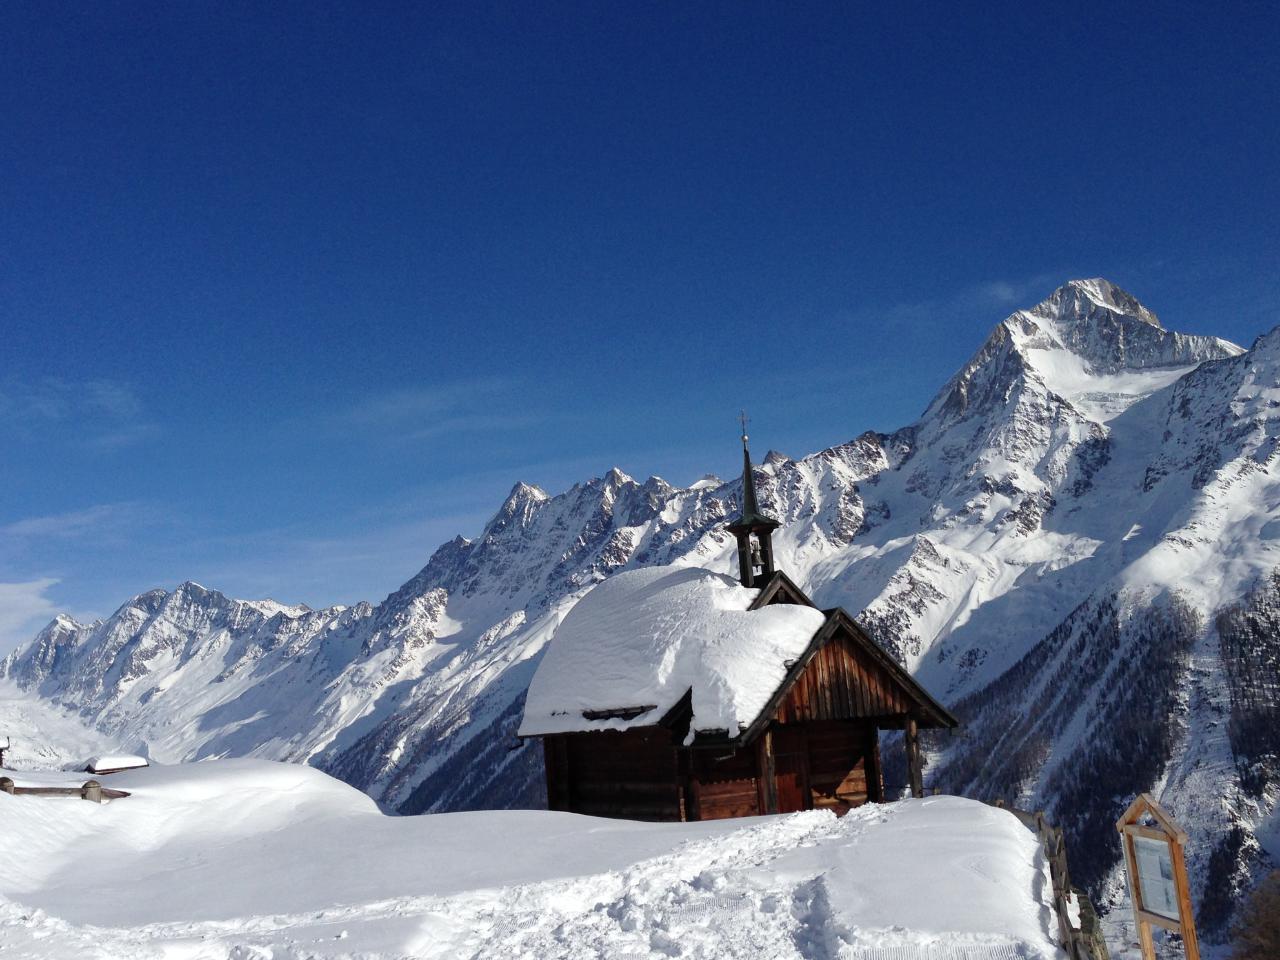 Ferienwohnung AlpineVillage Seven Lauchernalp VS (1344555), Wiler, Lötschental, Wallis, Schweiz, Bild 19